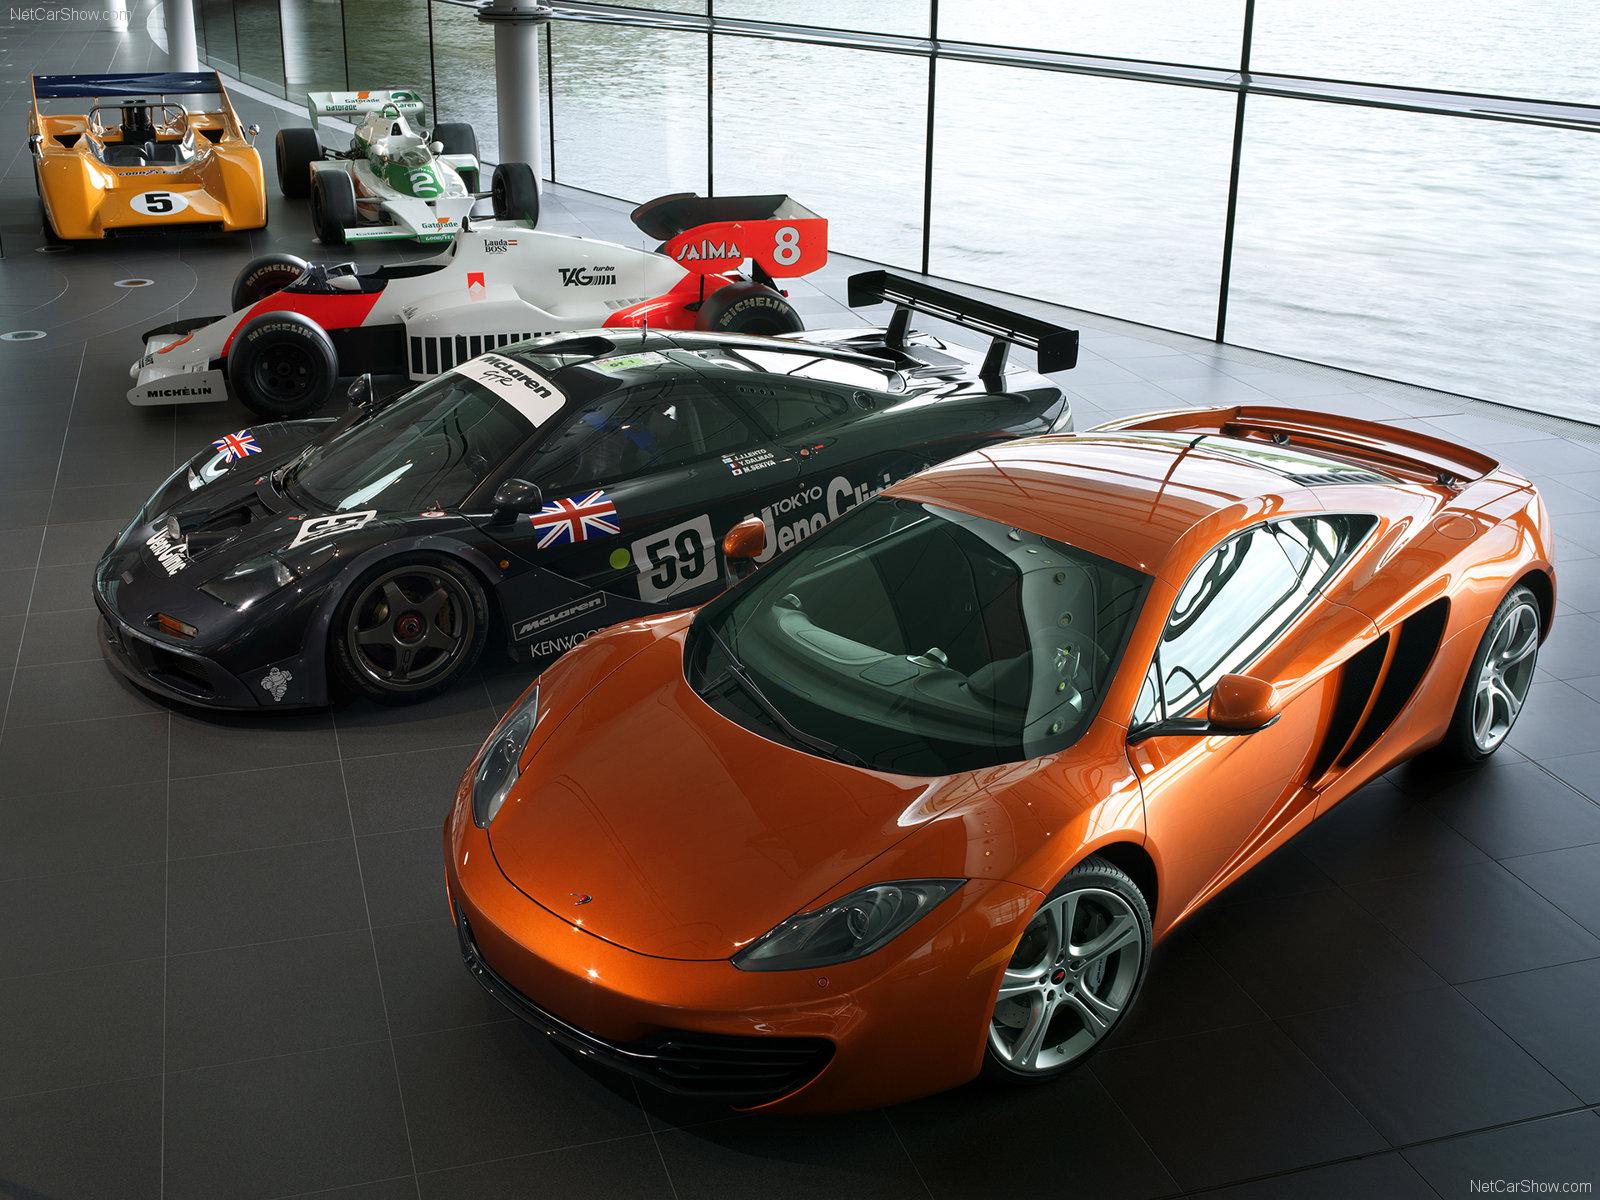 McLaren MP4 12C 2011 McLaren-MP4-12C-2011-1600-5e